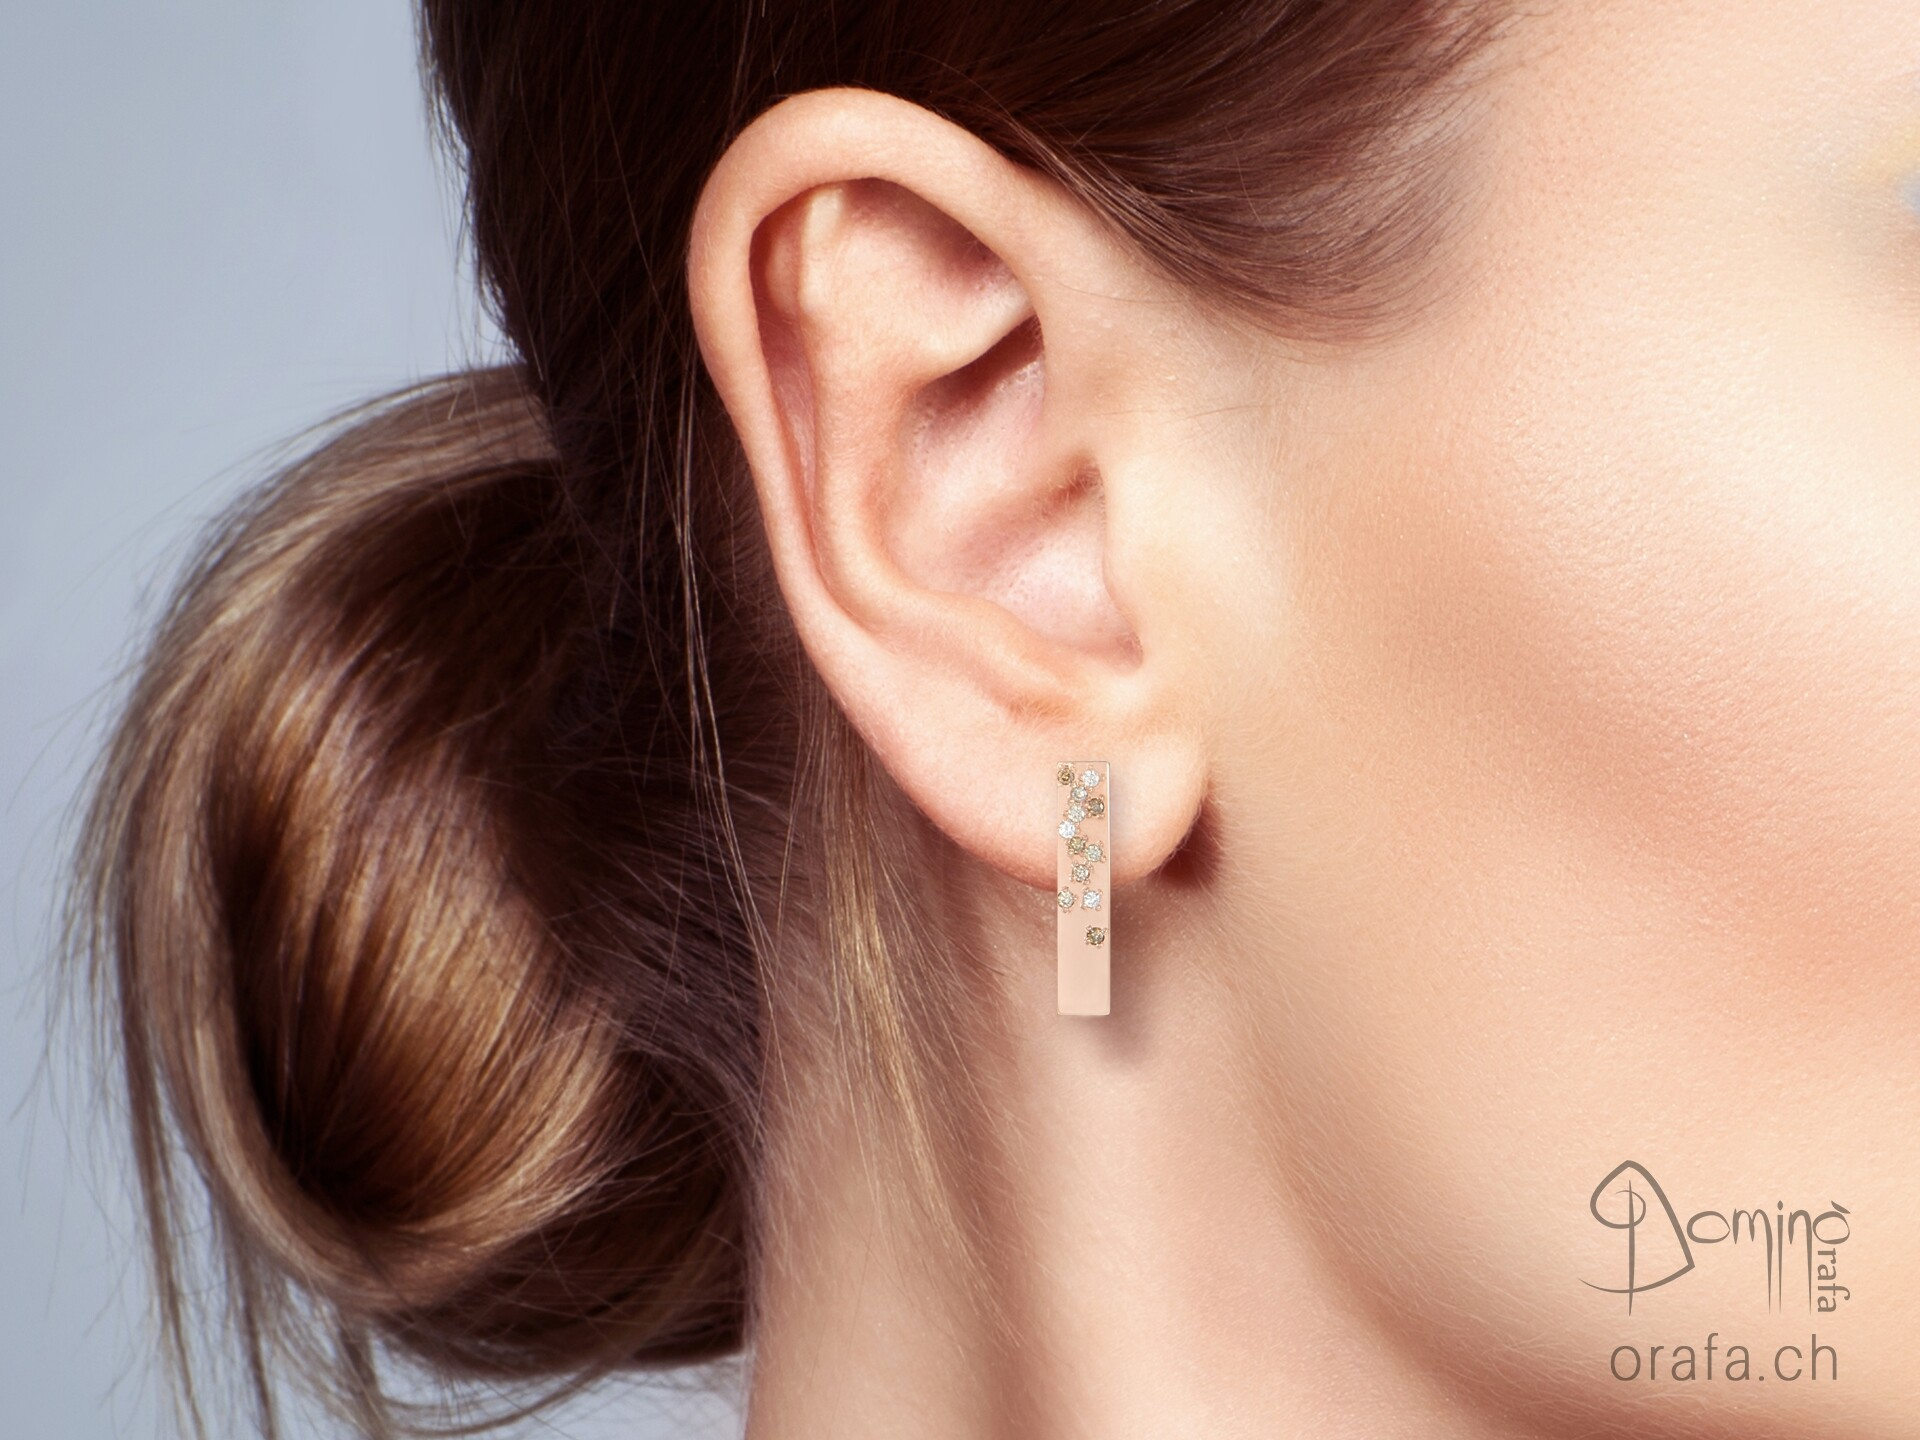 orecchini-rettangolari-diamanti-sparsi-incolore-brown-cognac-1